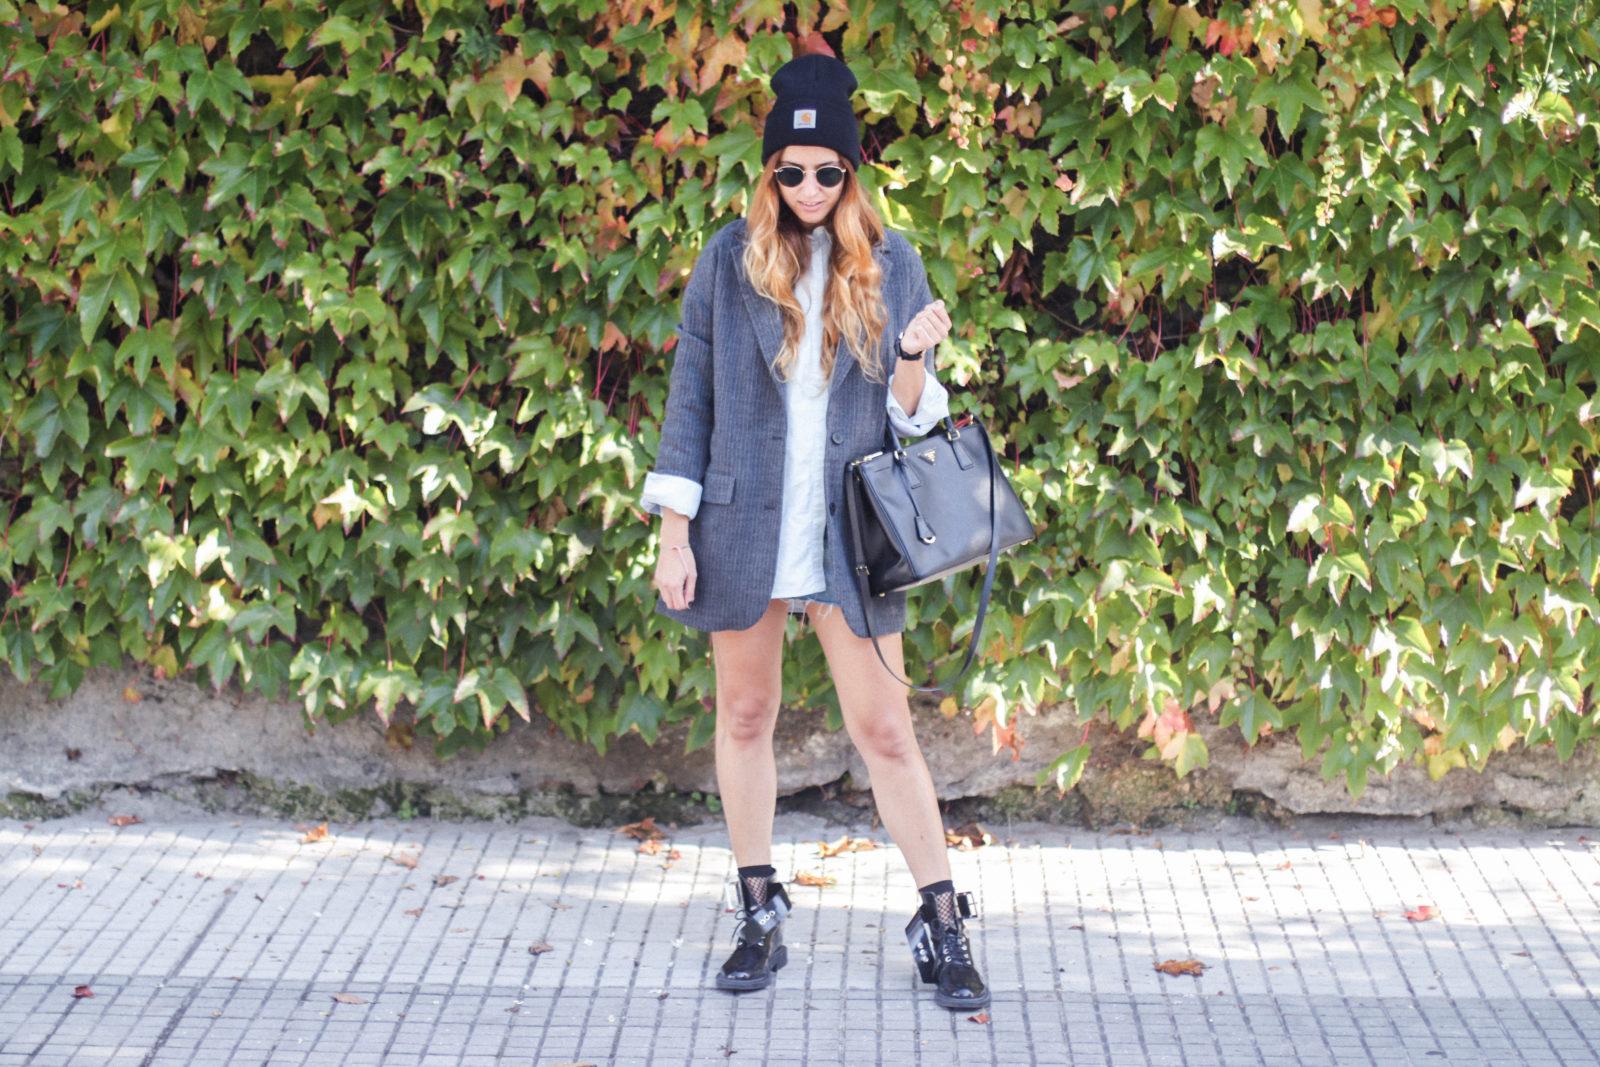 blazer_oversize_falda_vaquera_camisa_masculina_gorro_beanie_botas_moteras_tendencias_trends_2016_street_style_donkeycool-8